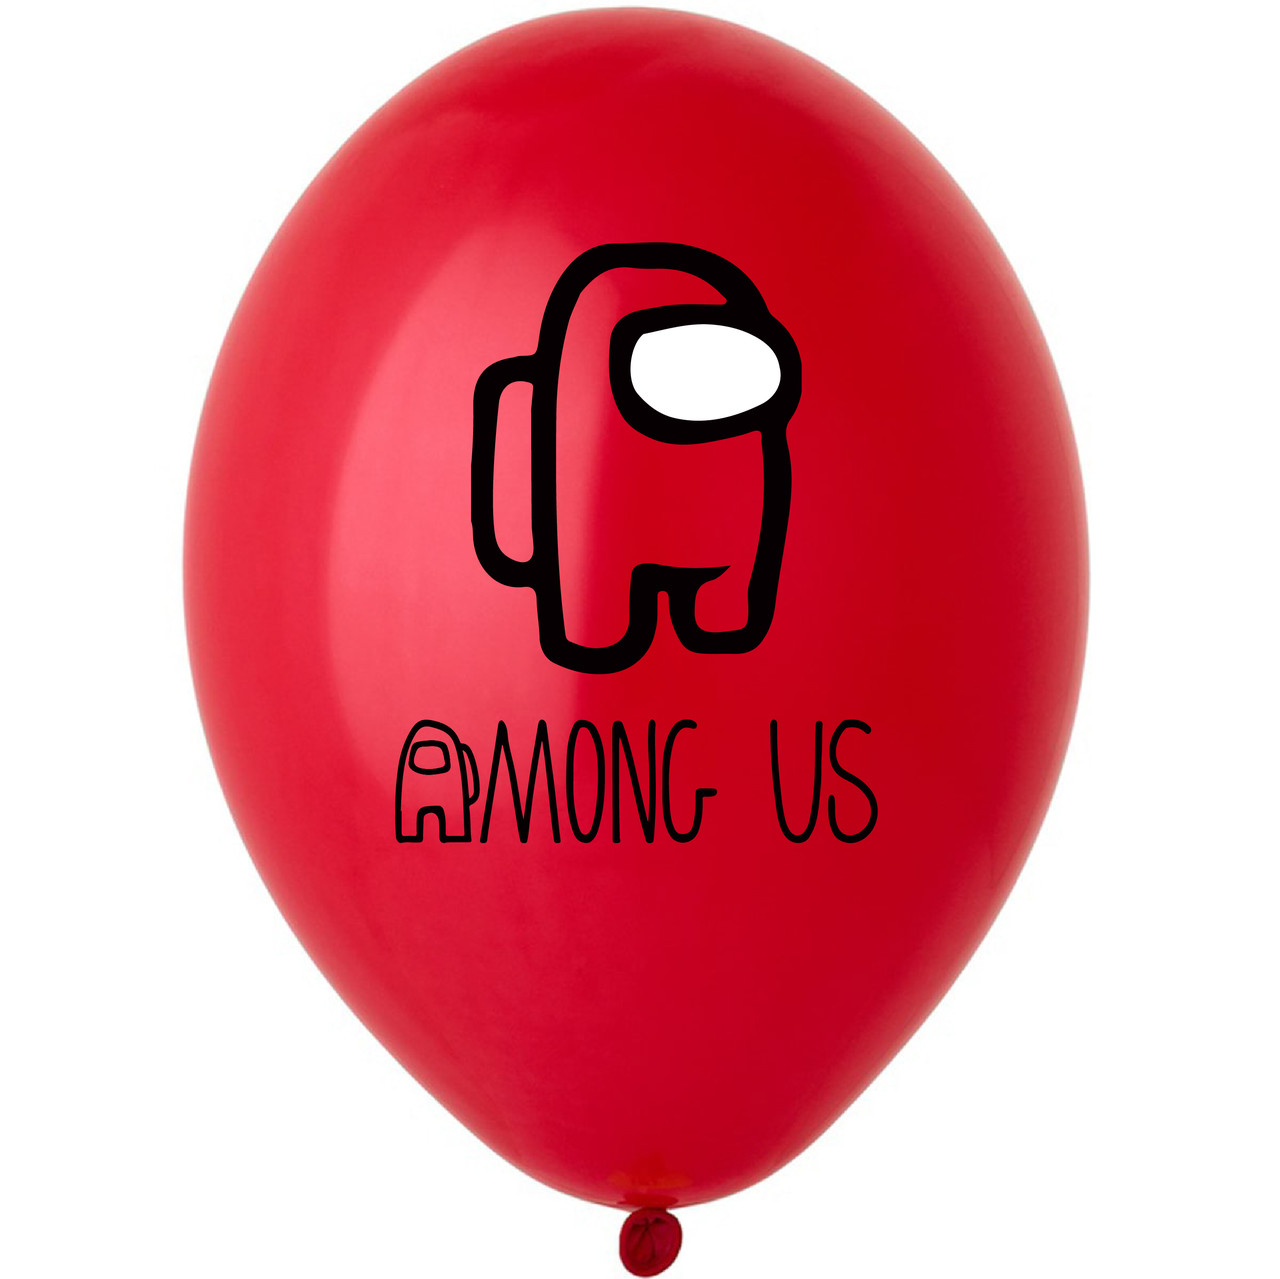 """Латексна кулька 12"""" оранжева з  малюнком """"Among us"""" (BelBal), фото 1"""